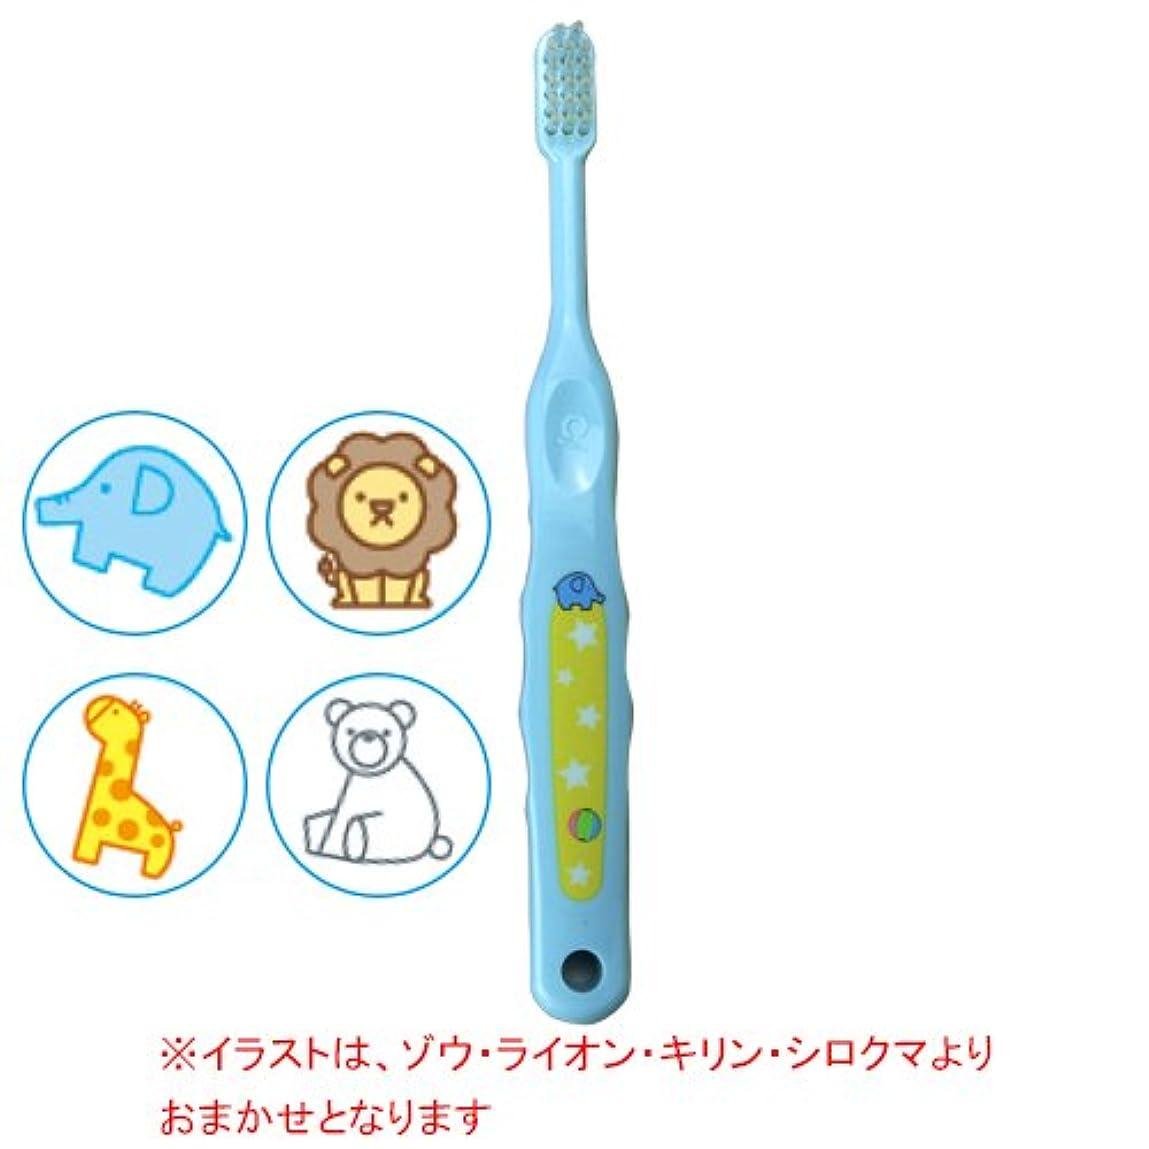 テレマコス南極毎日Ciメディカル Ci なまえ歯ブラシ 503 (やわらかめ) (乳児から小学生向)1本 (ブルー)